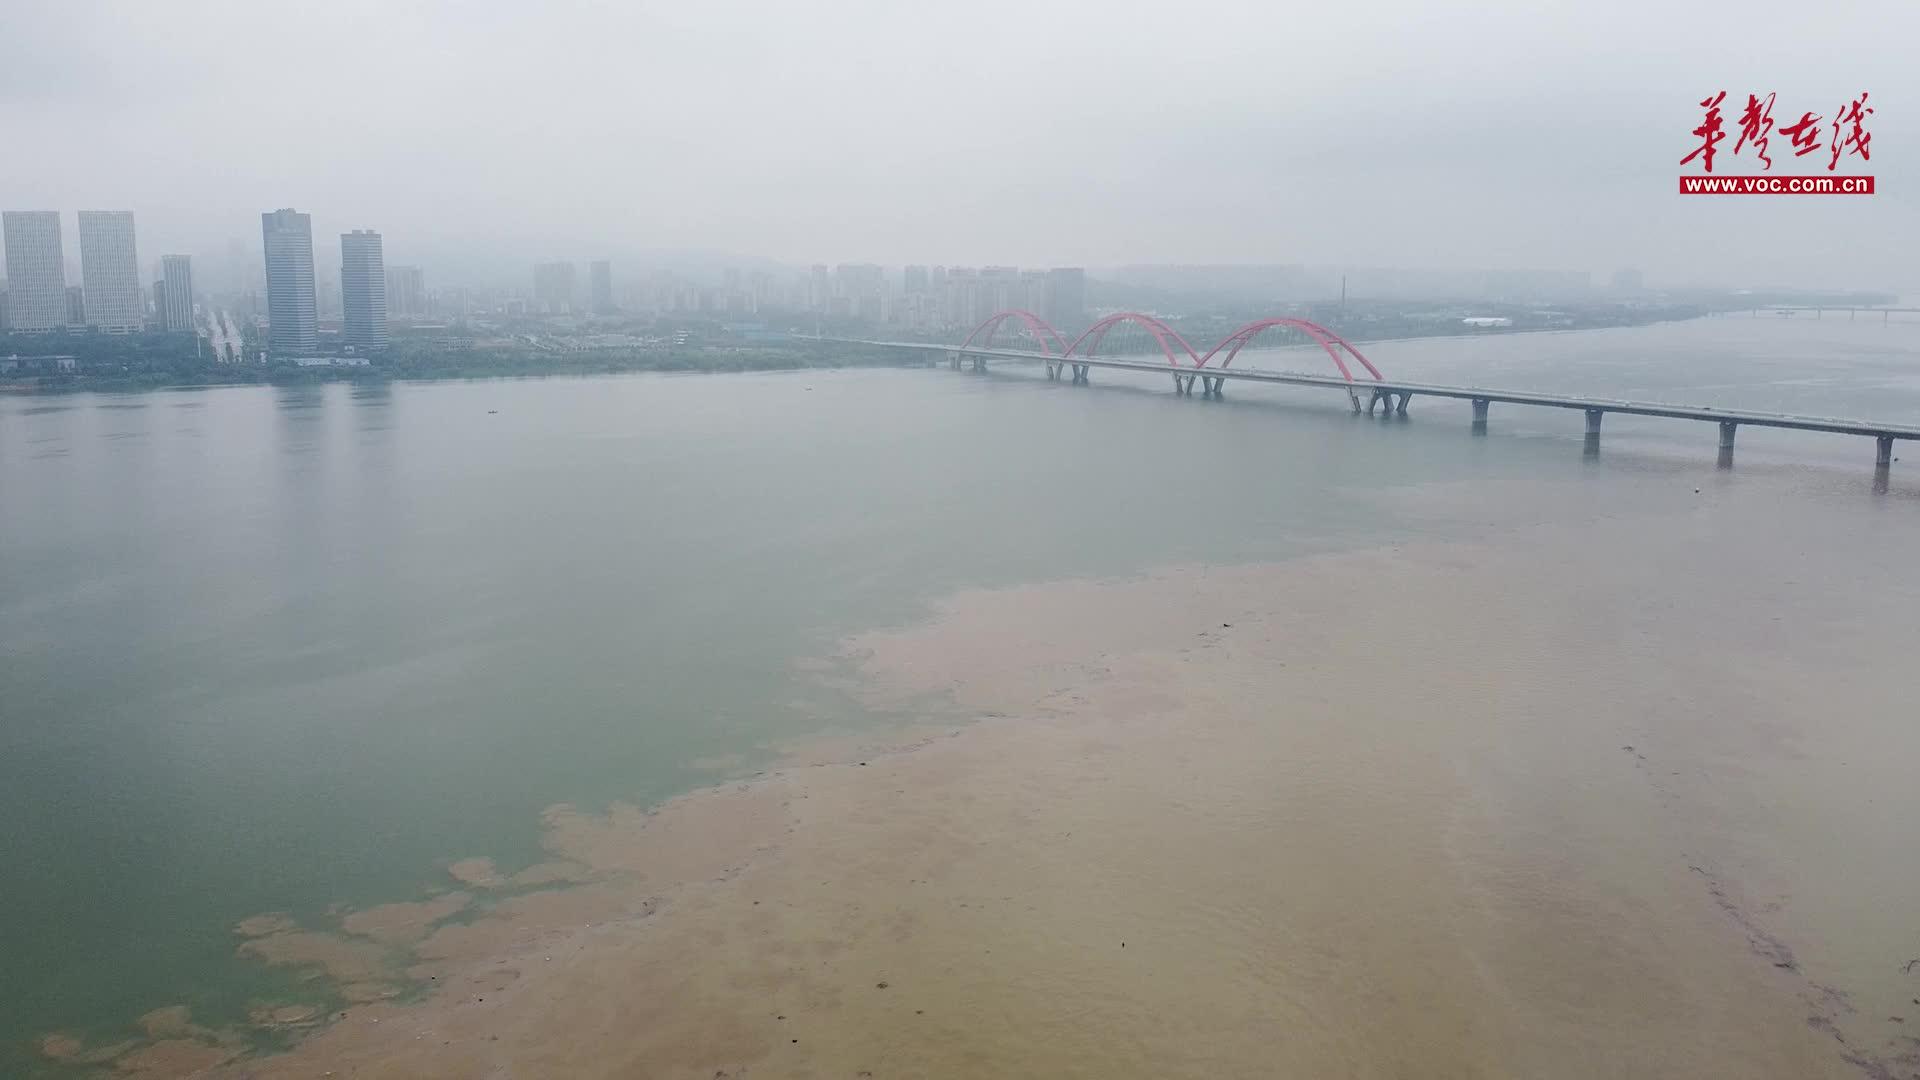 航拍直击湘江长沙段汛情:预计7月11日夜间出现洪峰